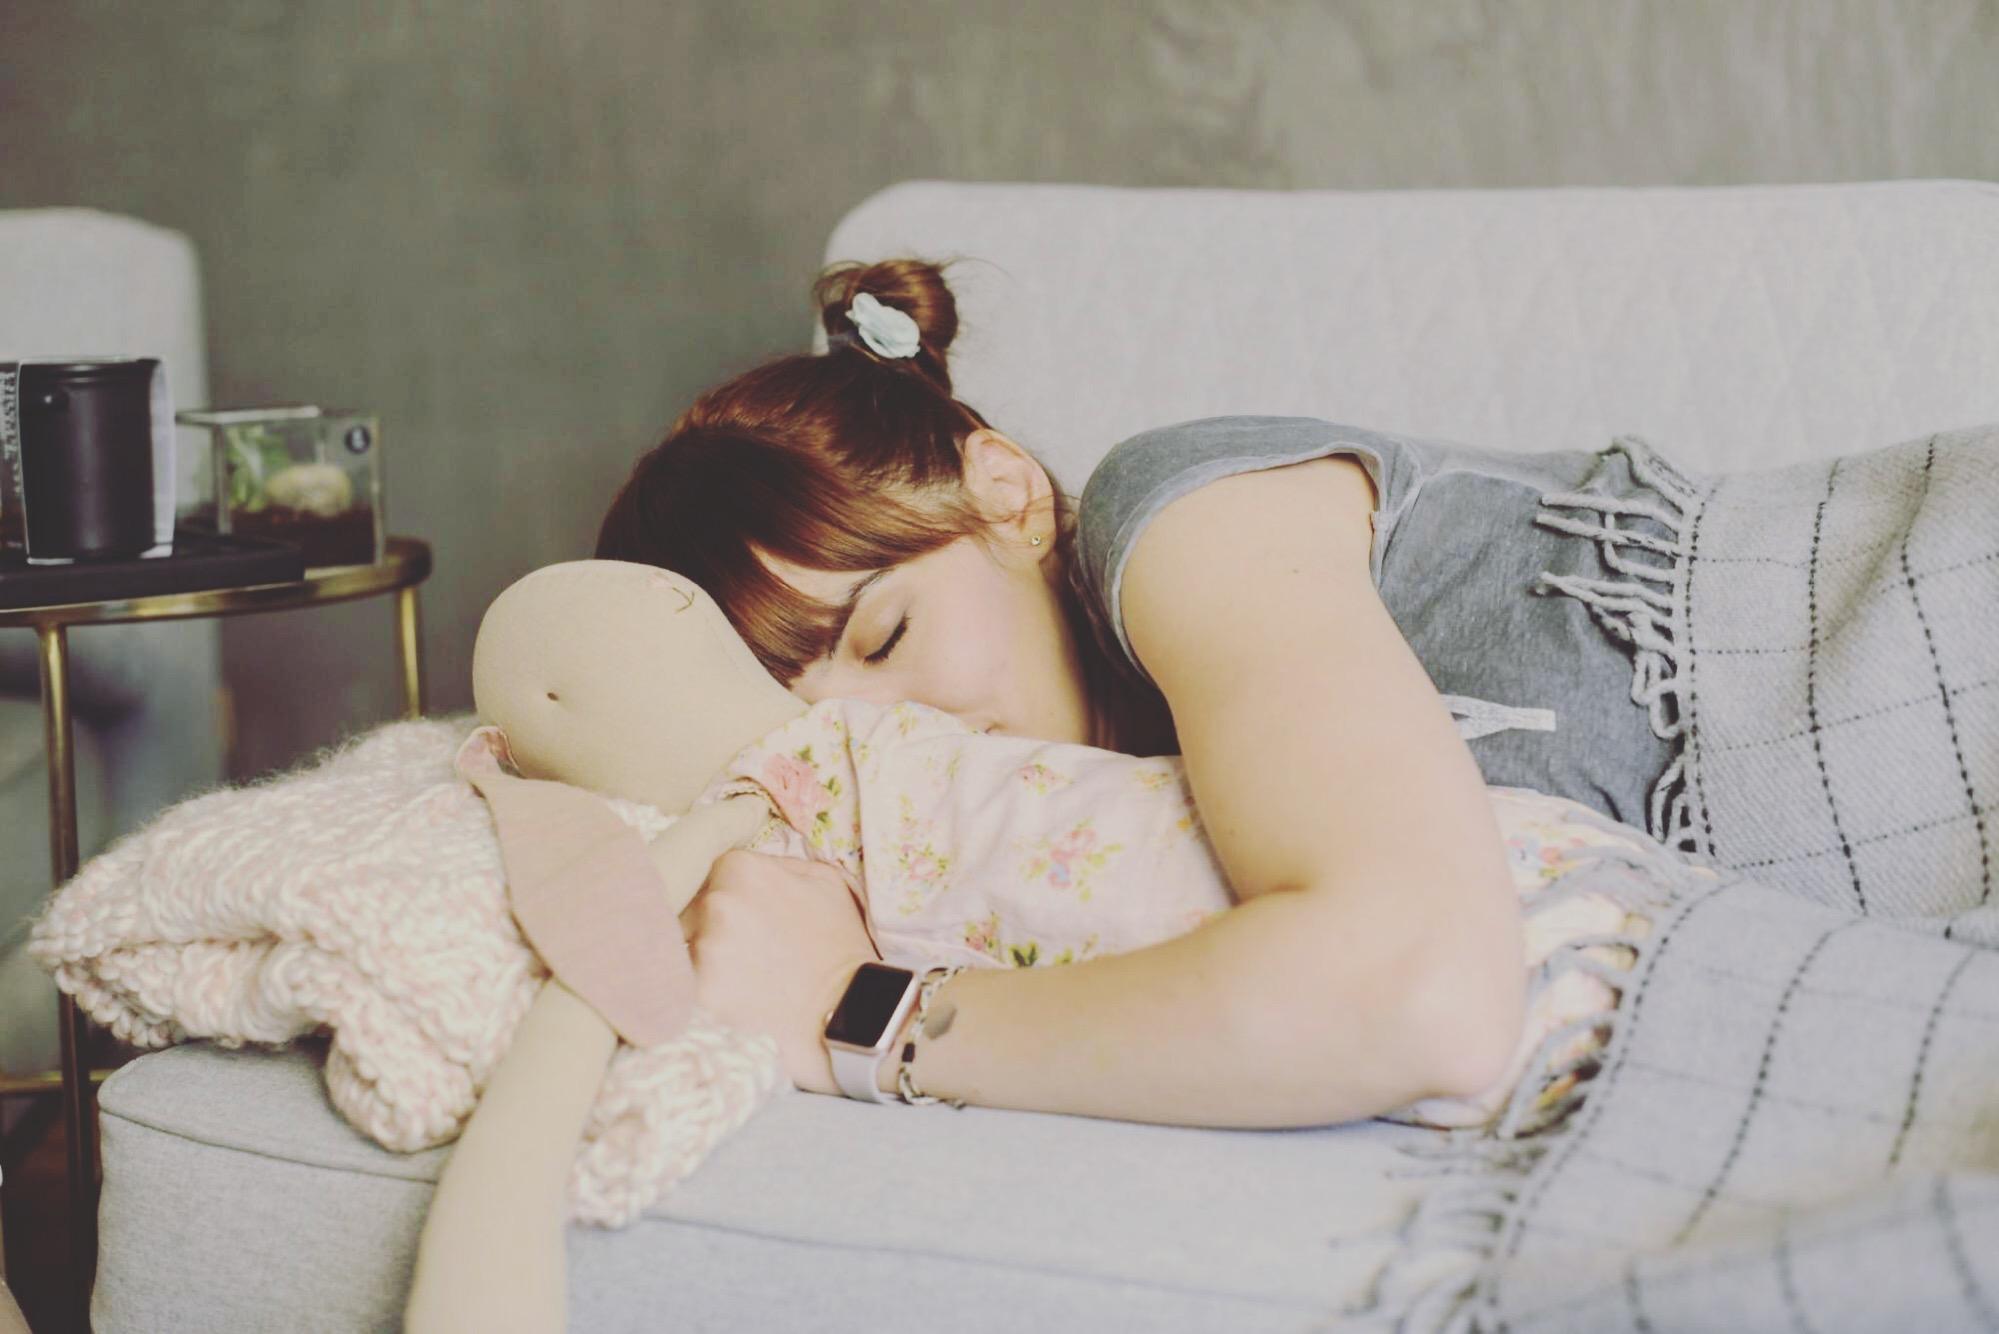 somn cu Astrid